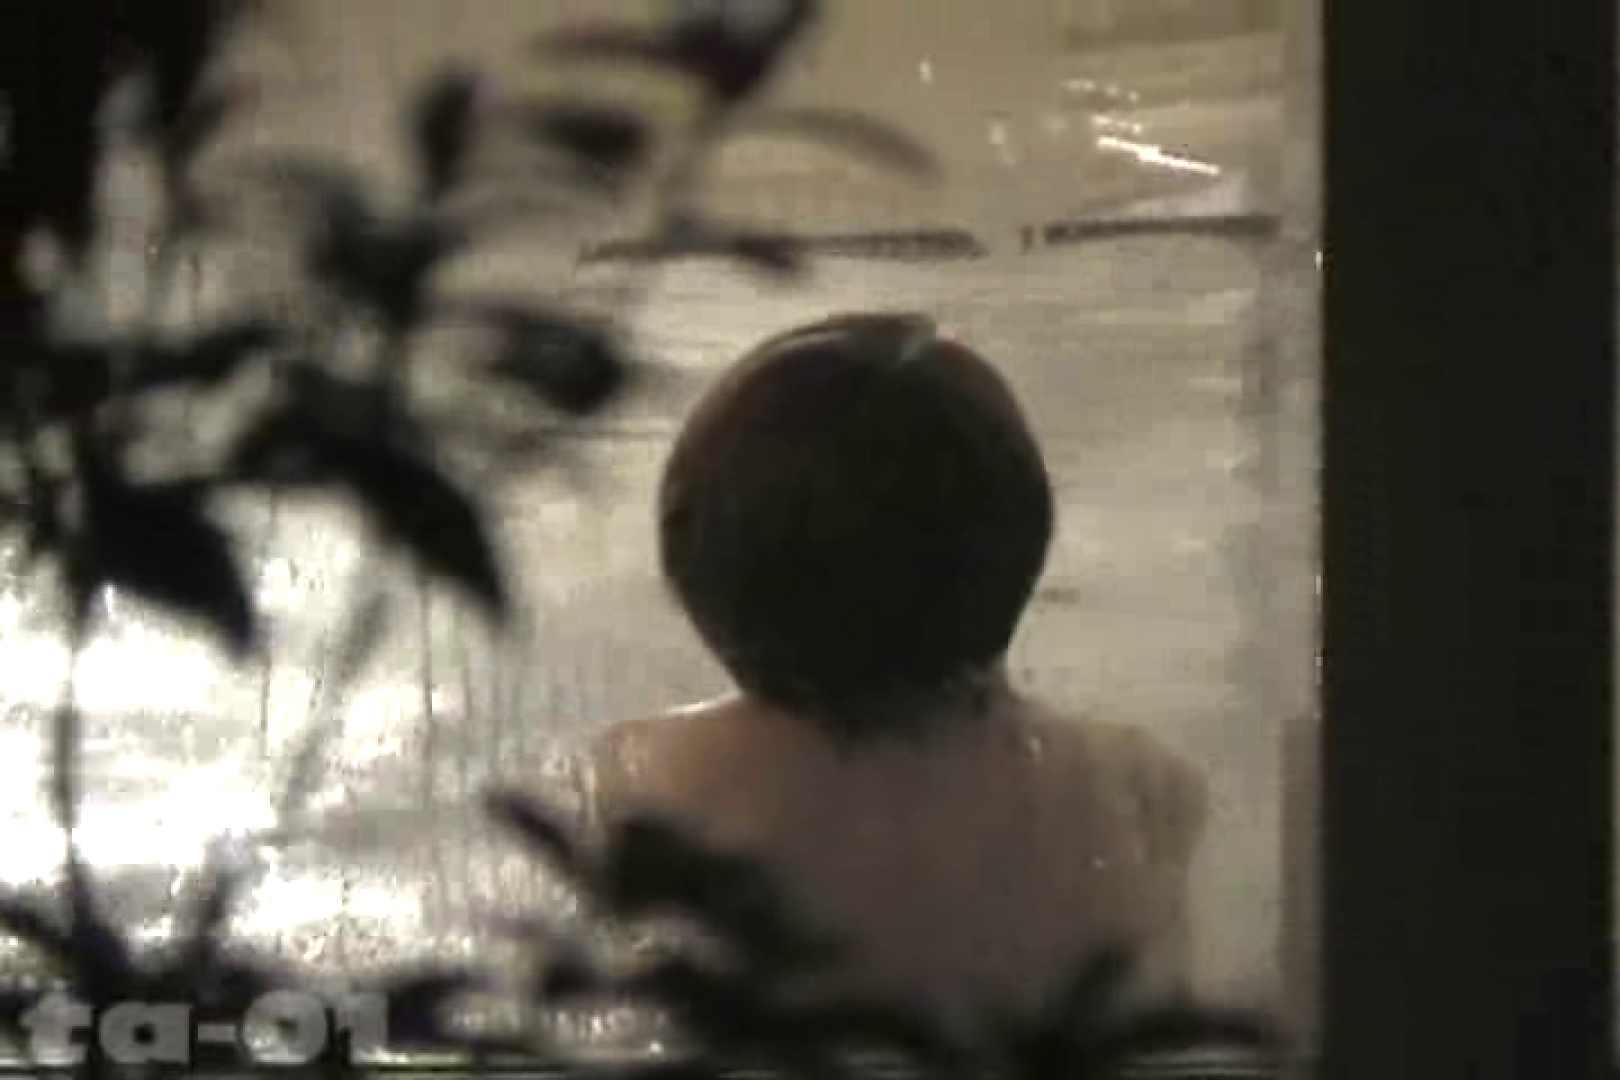 合宿ホテル女風呂盗撮高画質版 Vol.01 高画質 セックス無修正動画無料 59連発 28